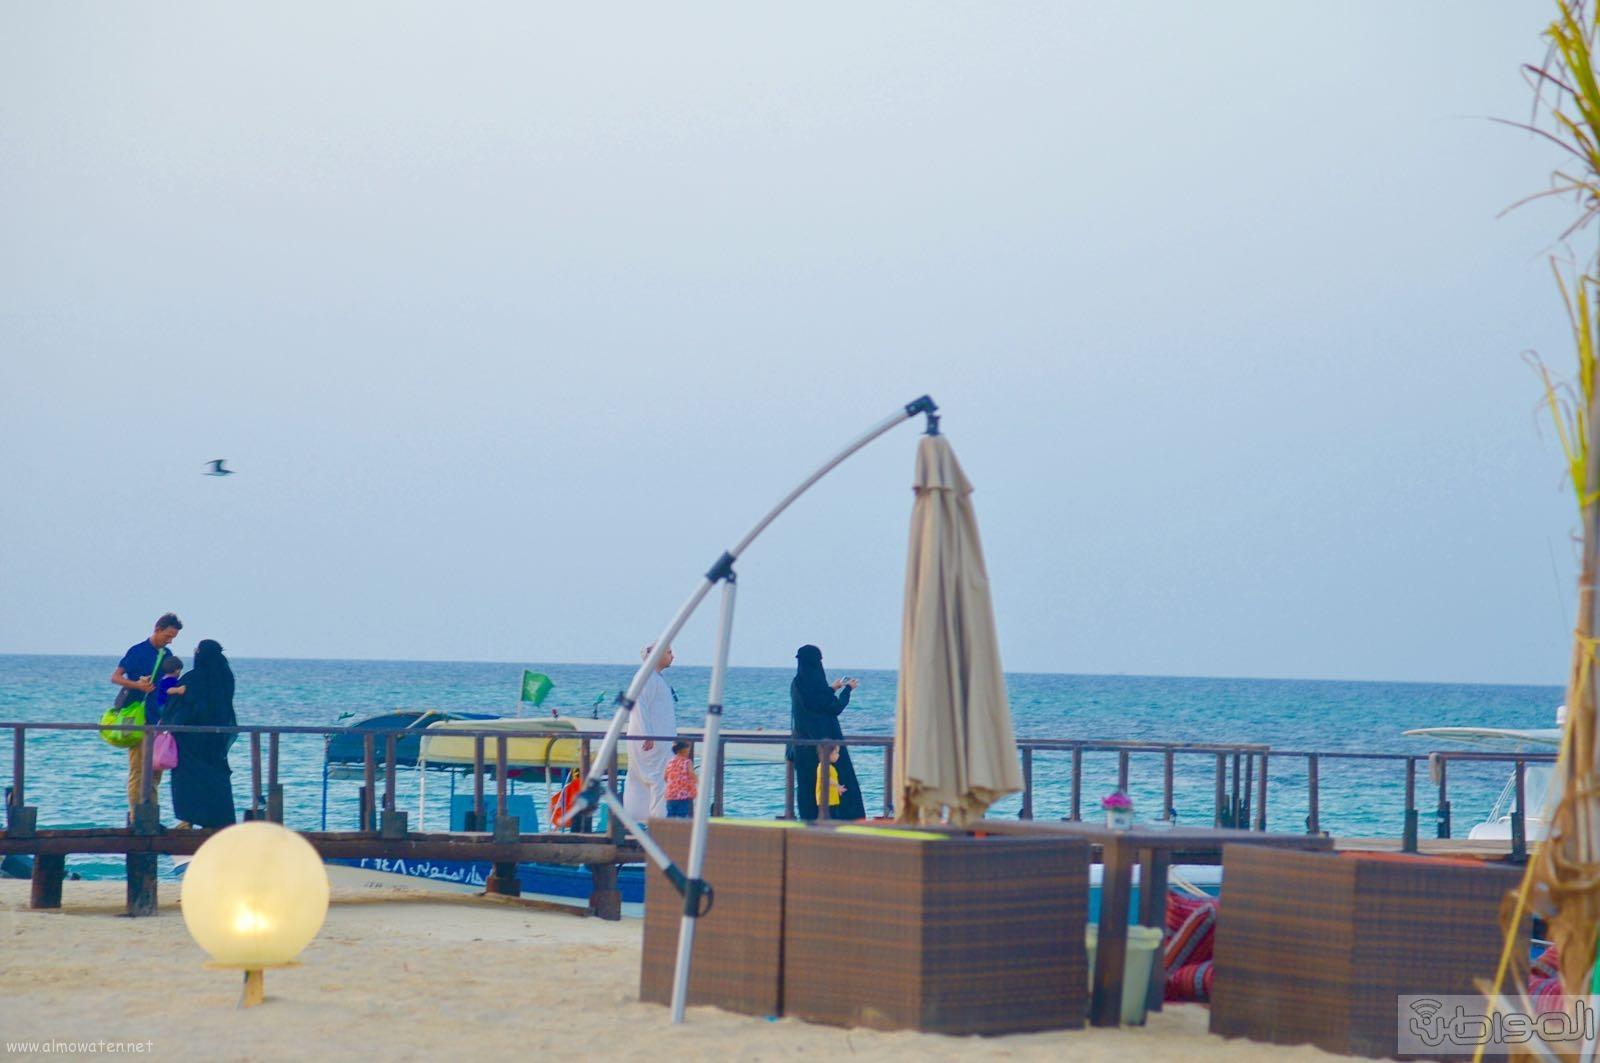 اول جزيرة يتم تهيئتها للسياحة بالمملكة (1)